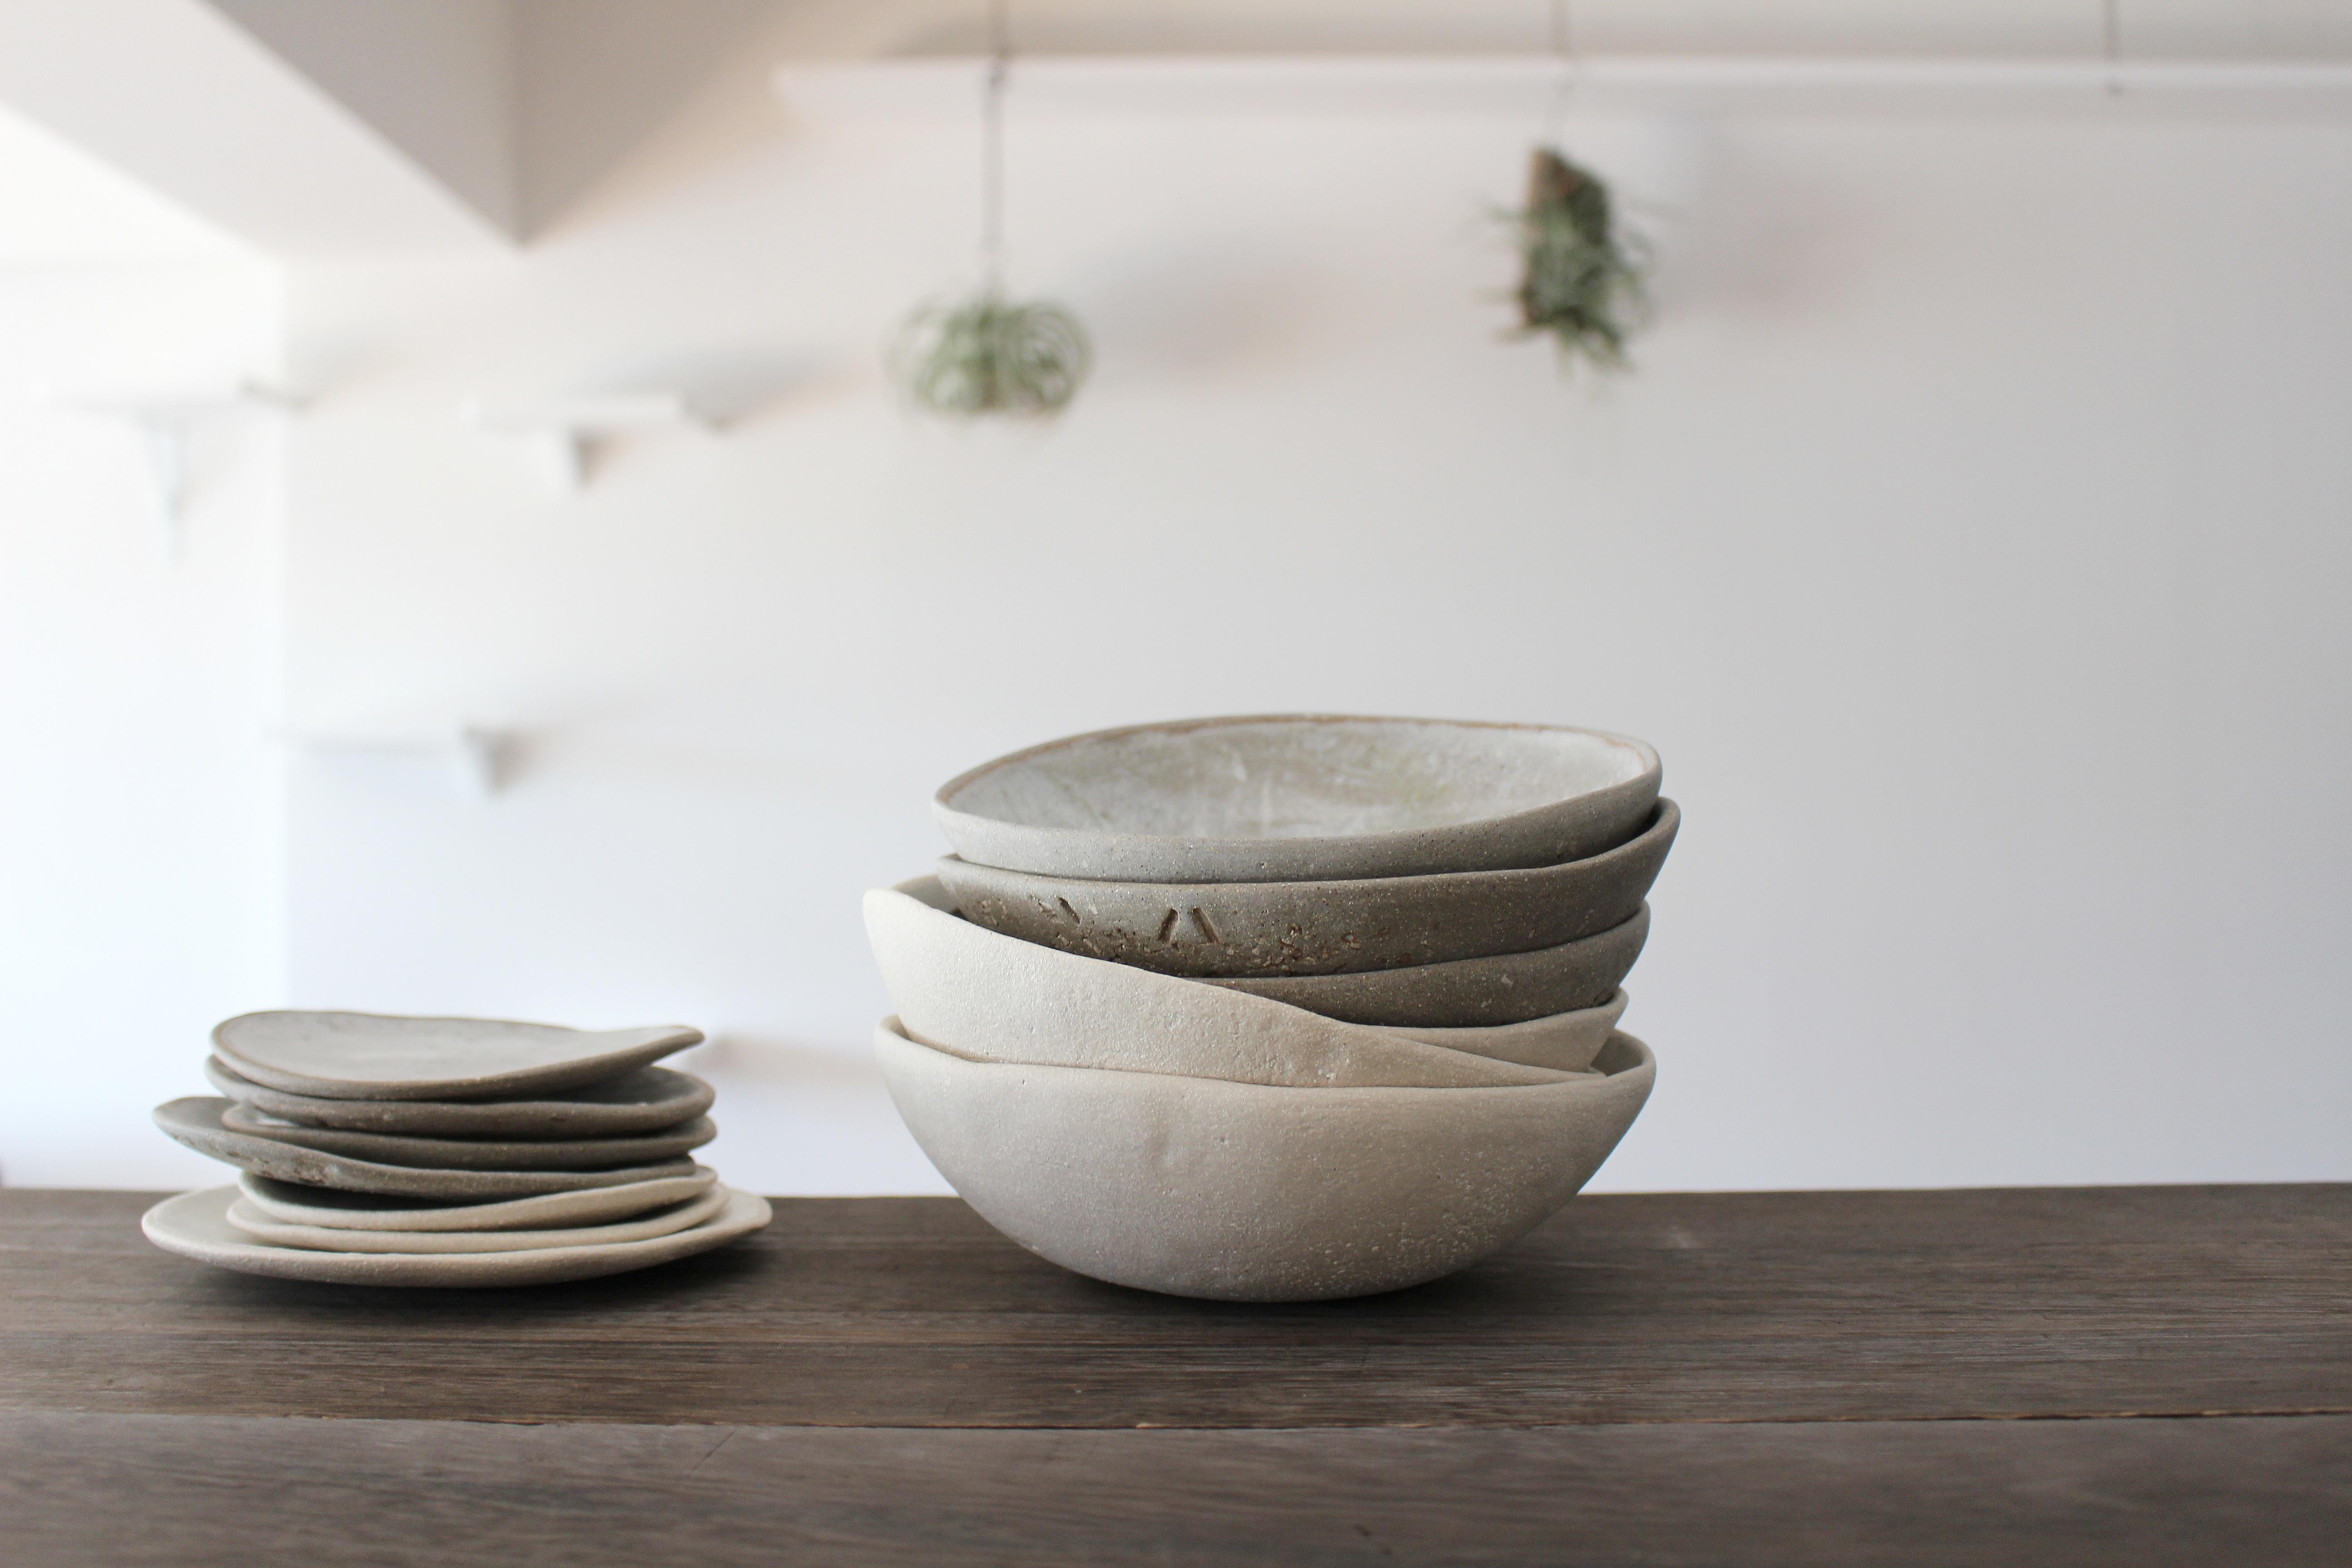 日本初取扱い店 英国の陶芸家【SARAH JERATH】 ボウル&プレート